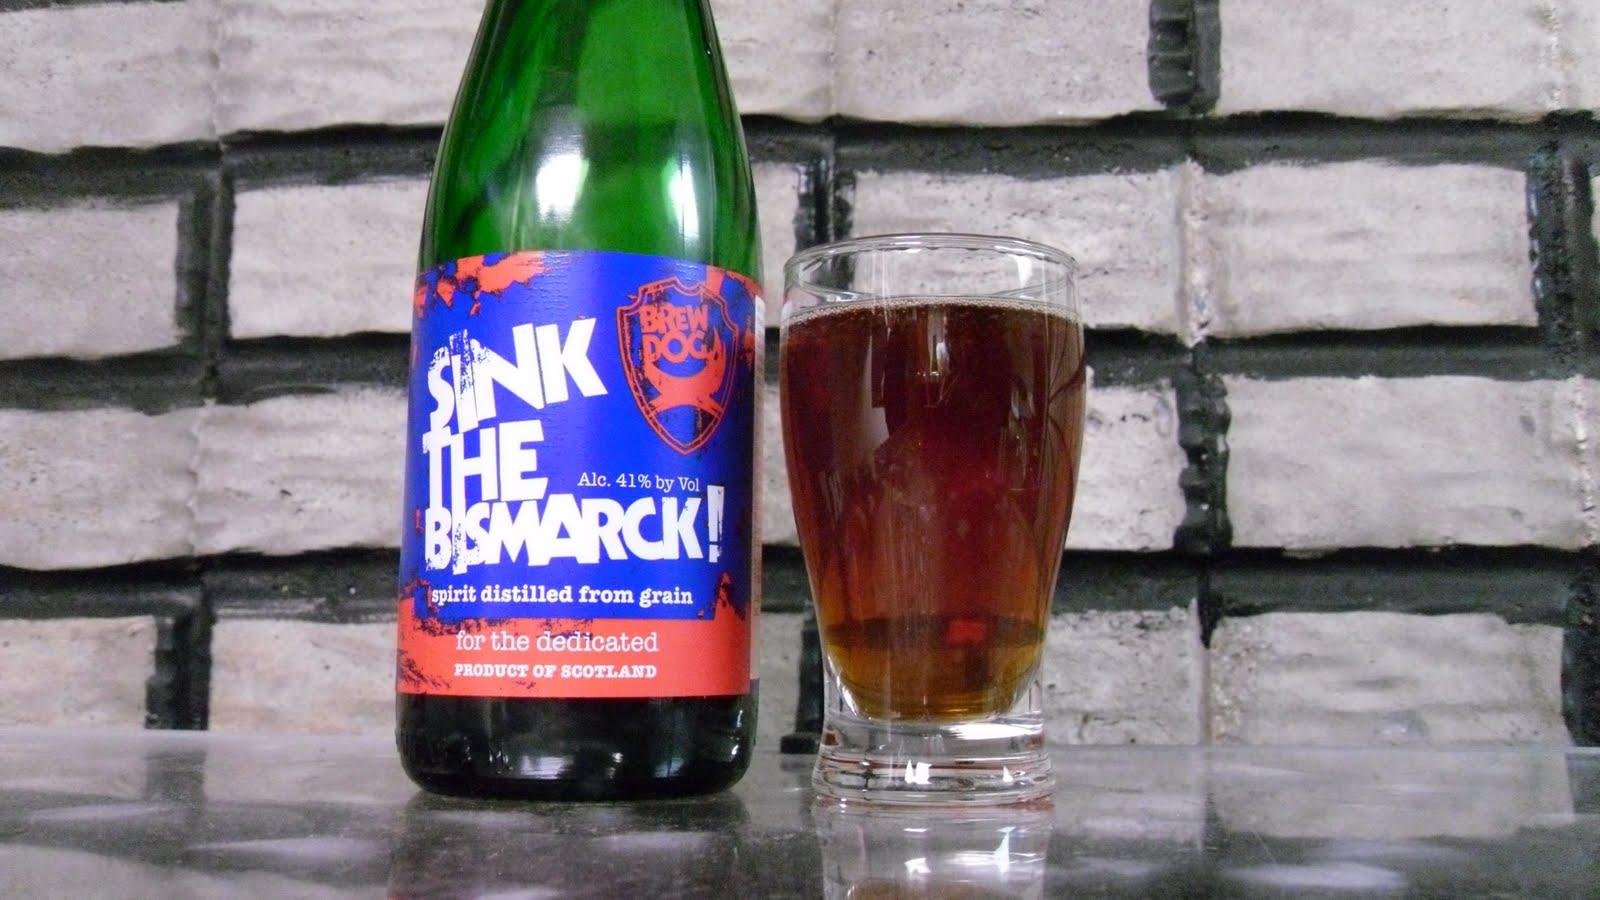 http://2.bp.blogspot.com/_ql7167bc2gw/TPVrNuGM5SI/AAAAAAAANpk/ahvwerUa04k/s1600/Brew%2BDog%2BSink%2Bthe%2BBismarck.JPG